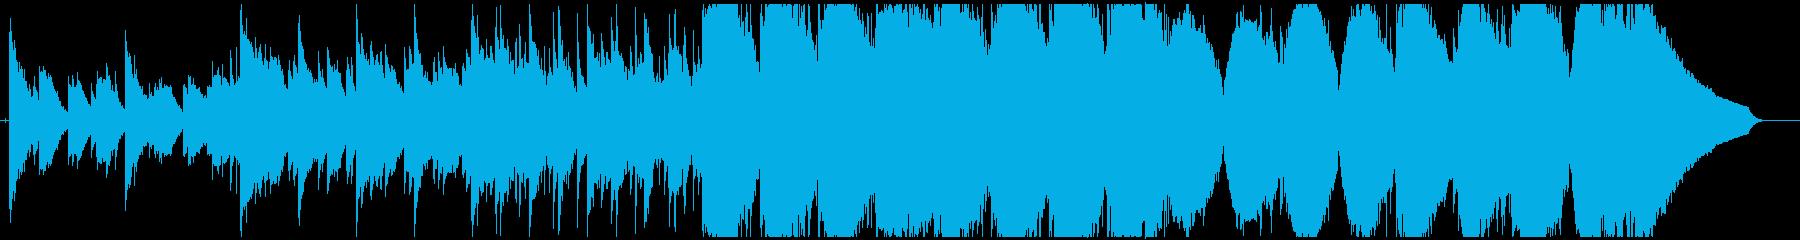 ファンタジーっぽい神秘的な曲の再生済みの波形